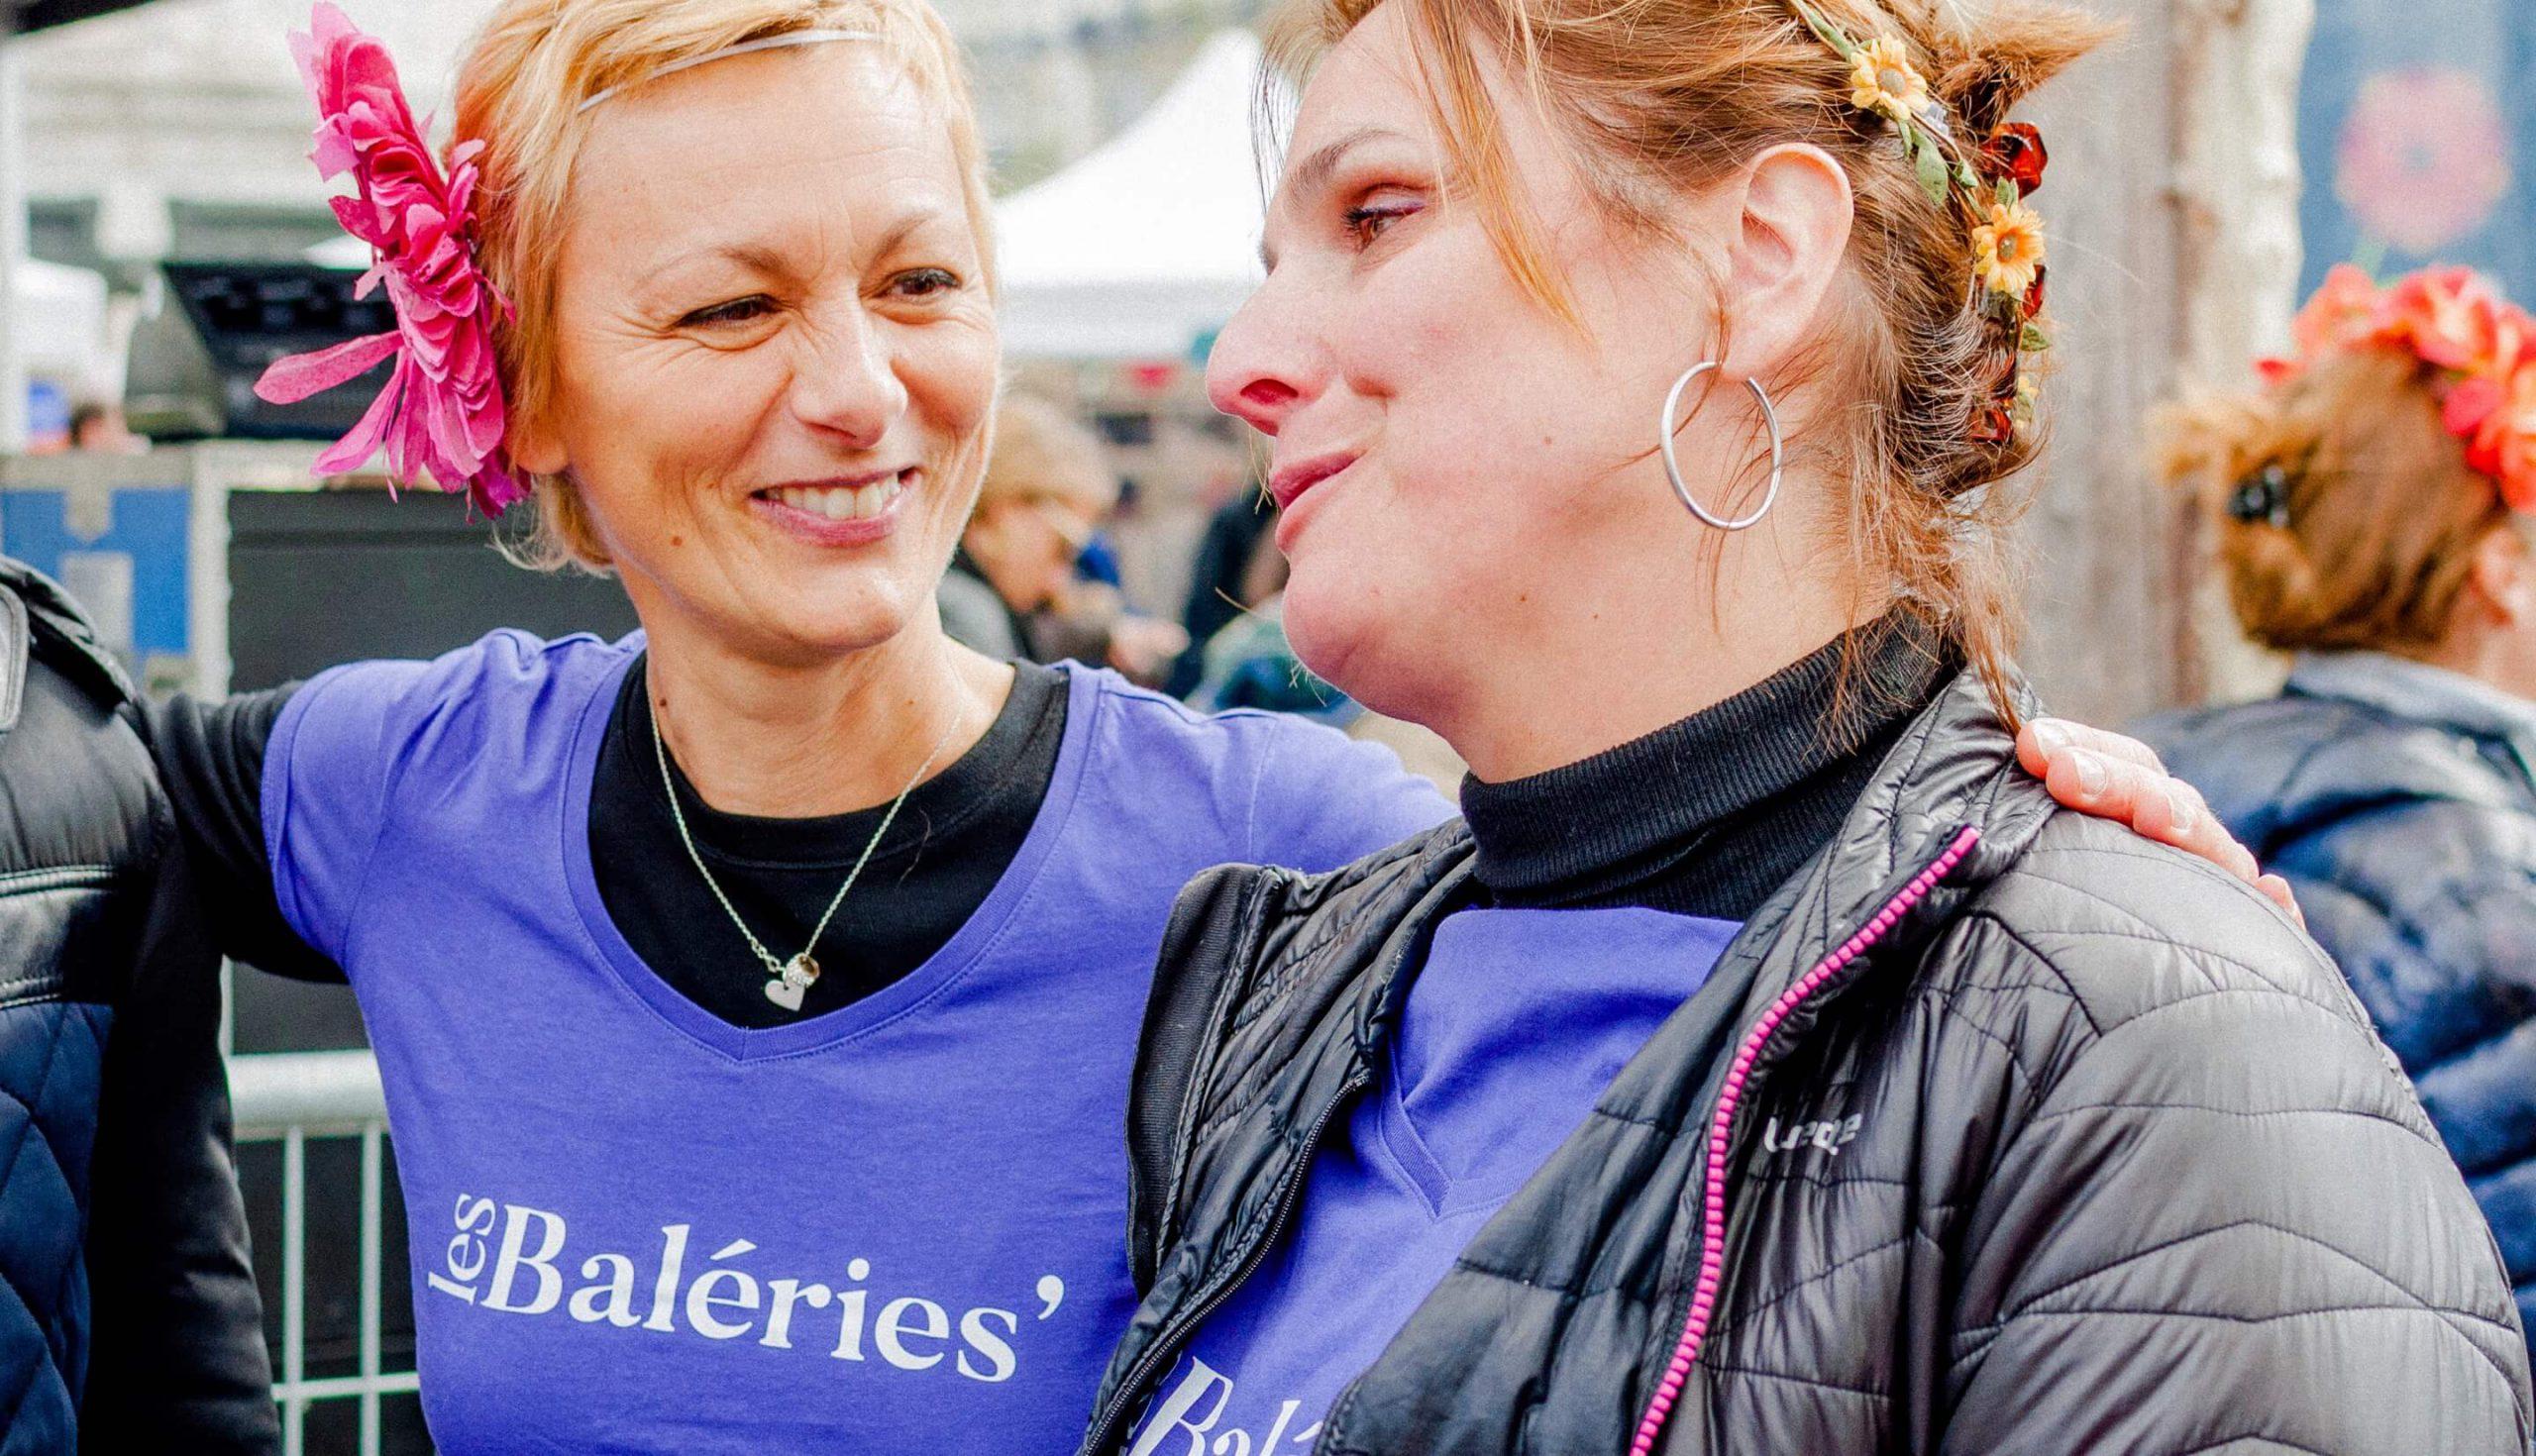 Valerie Jeuffroy, fondatrice de Les Baleries, à la Cancer Pride